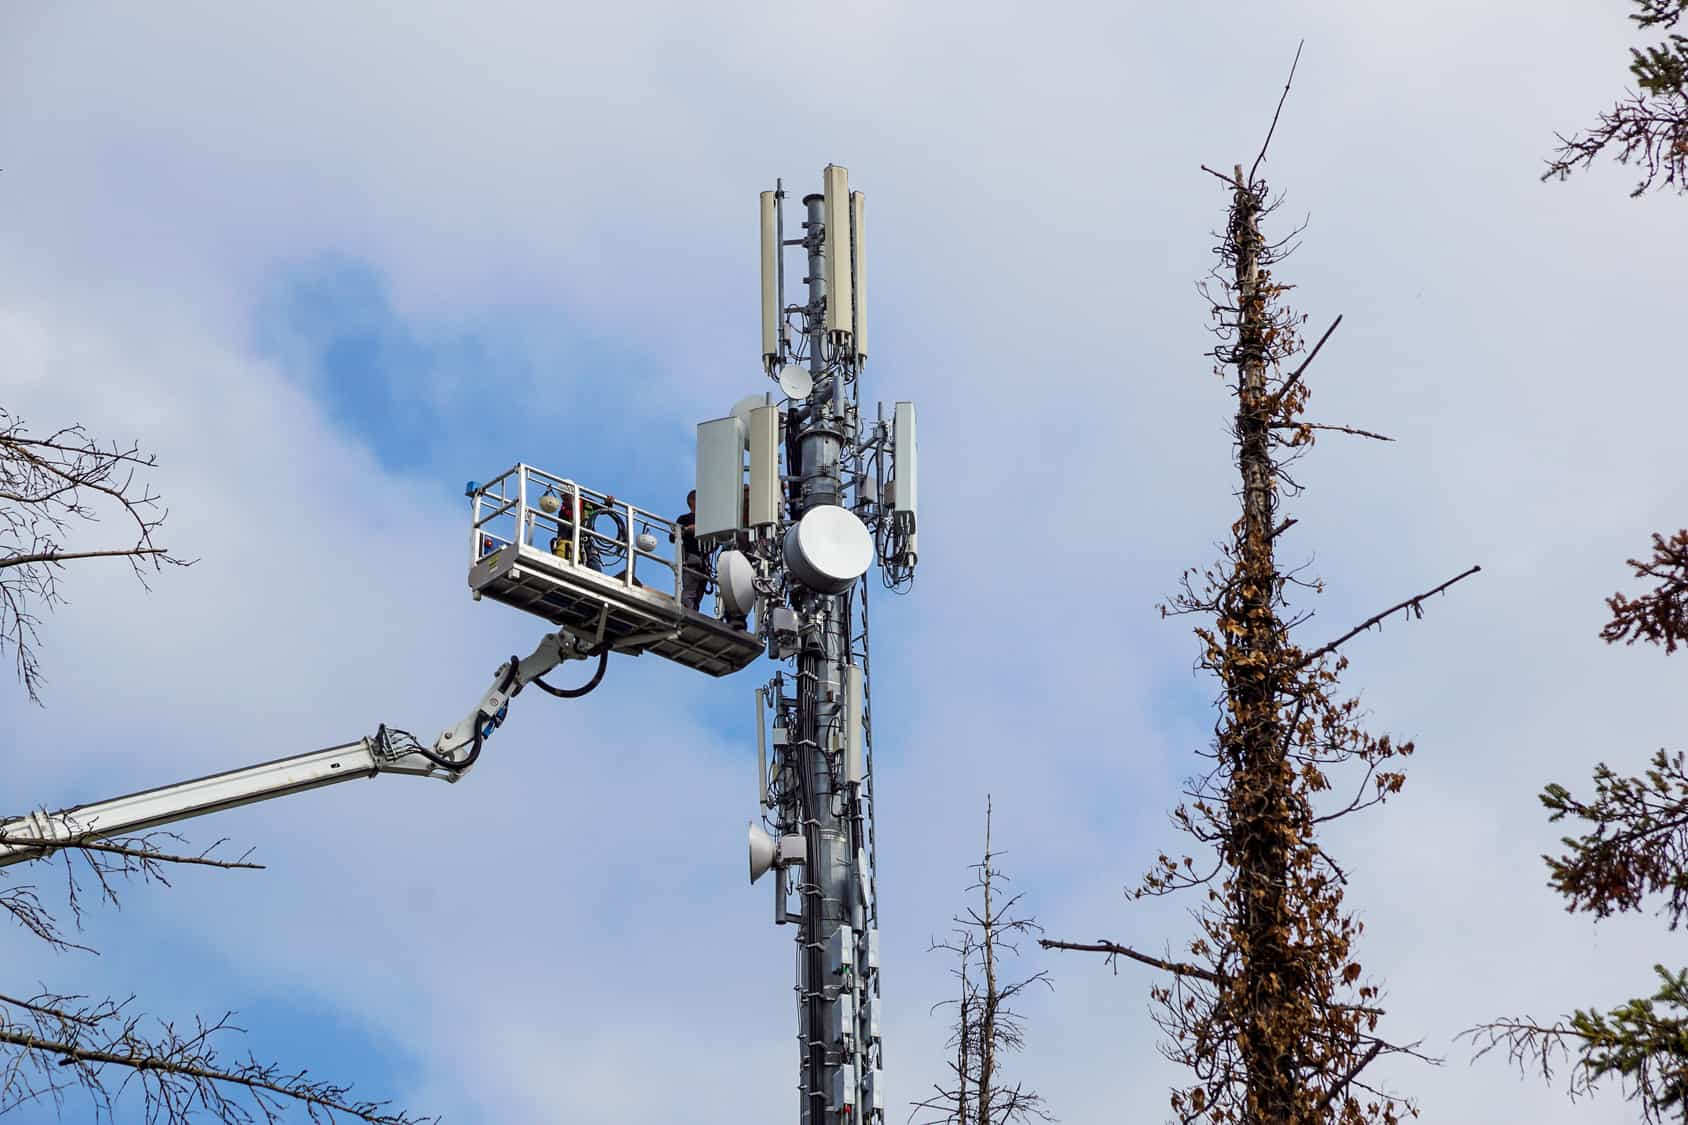 Los operadores del sector de telecomunicaciones y radiodifusión contarán con una herramienta fundamental para generar acuerdos de compartición